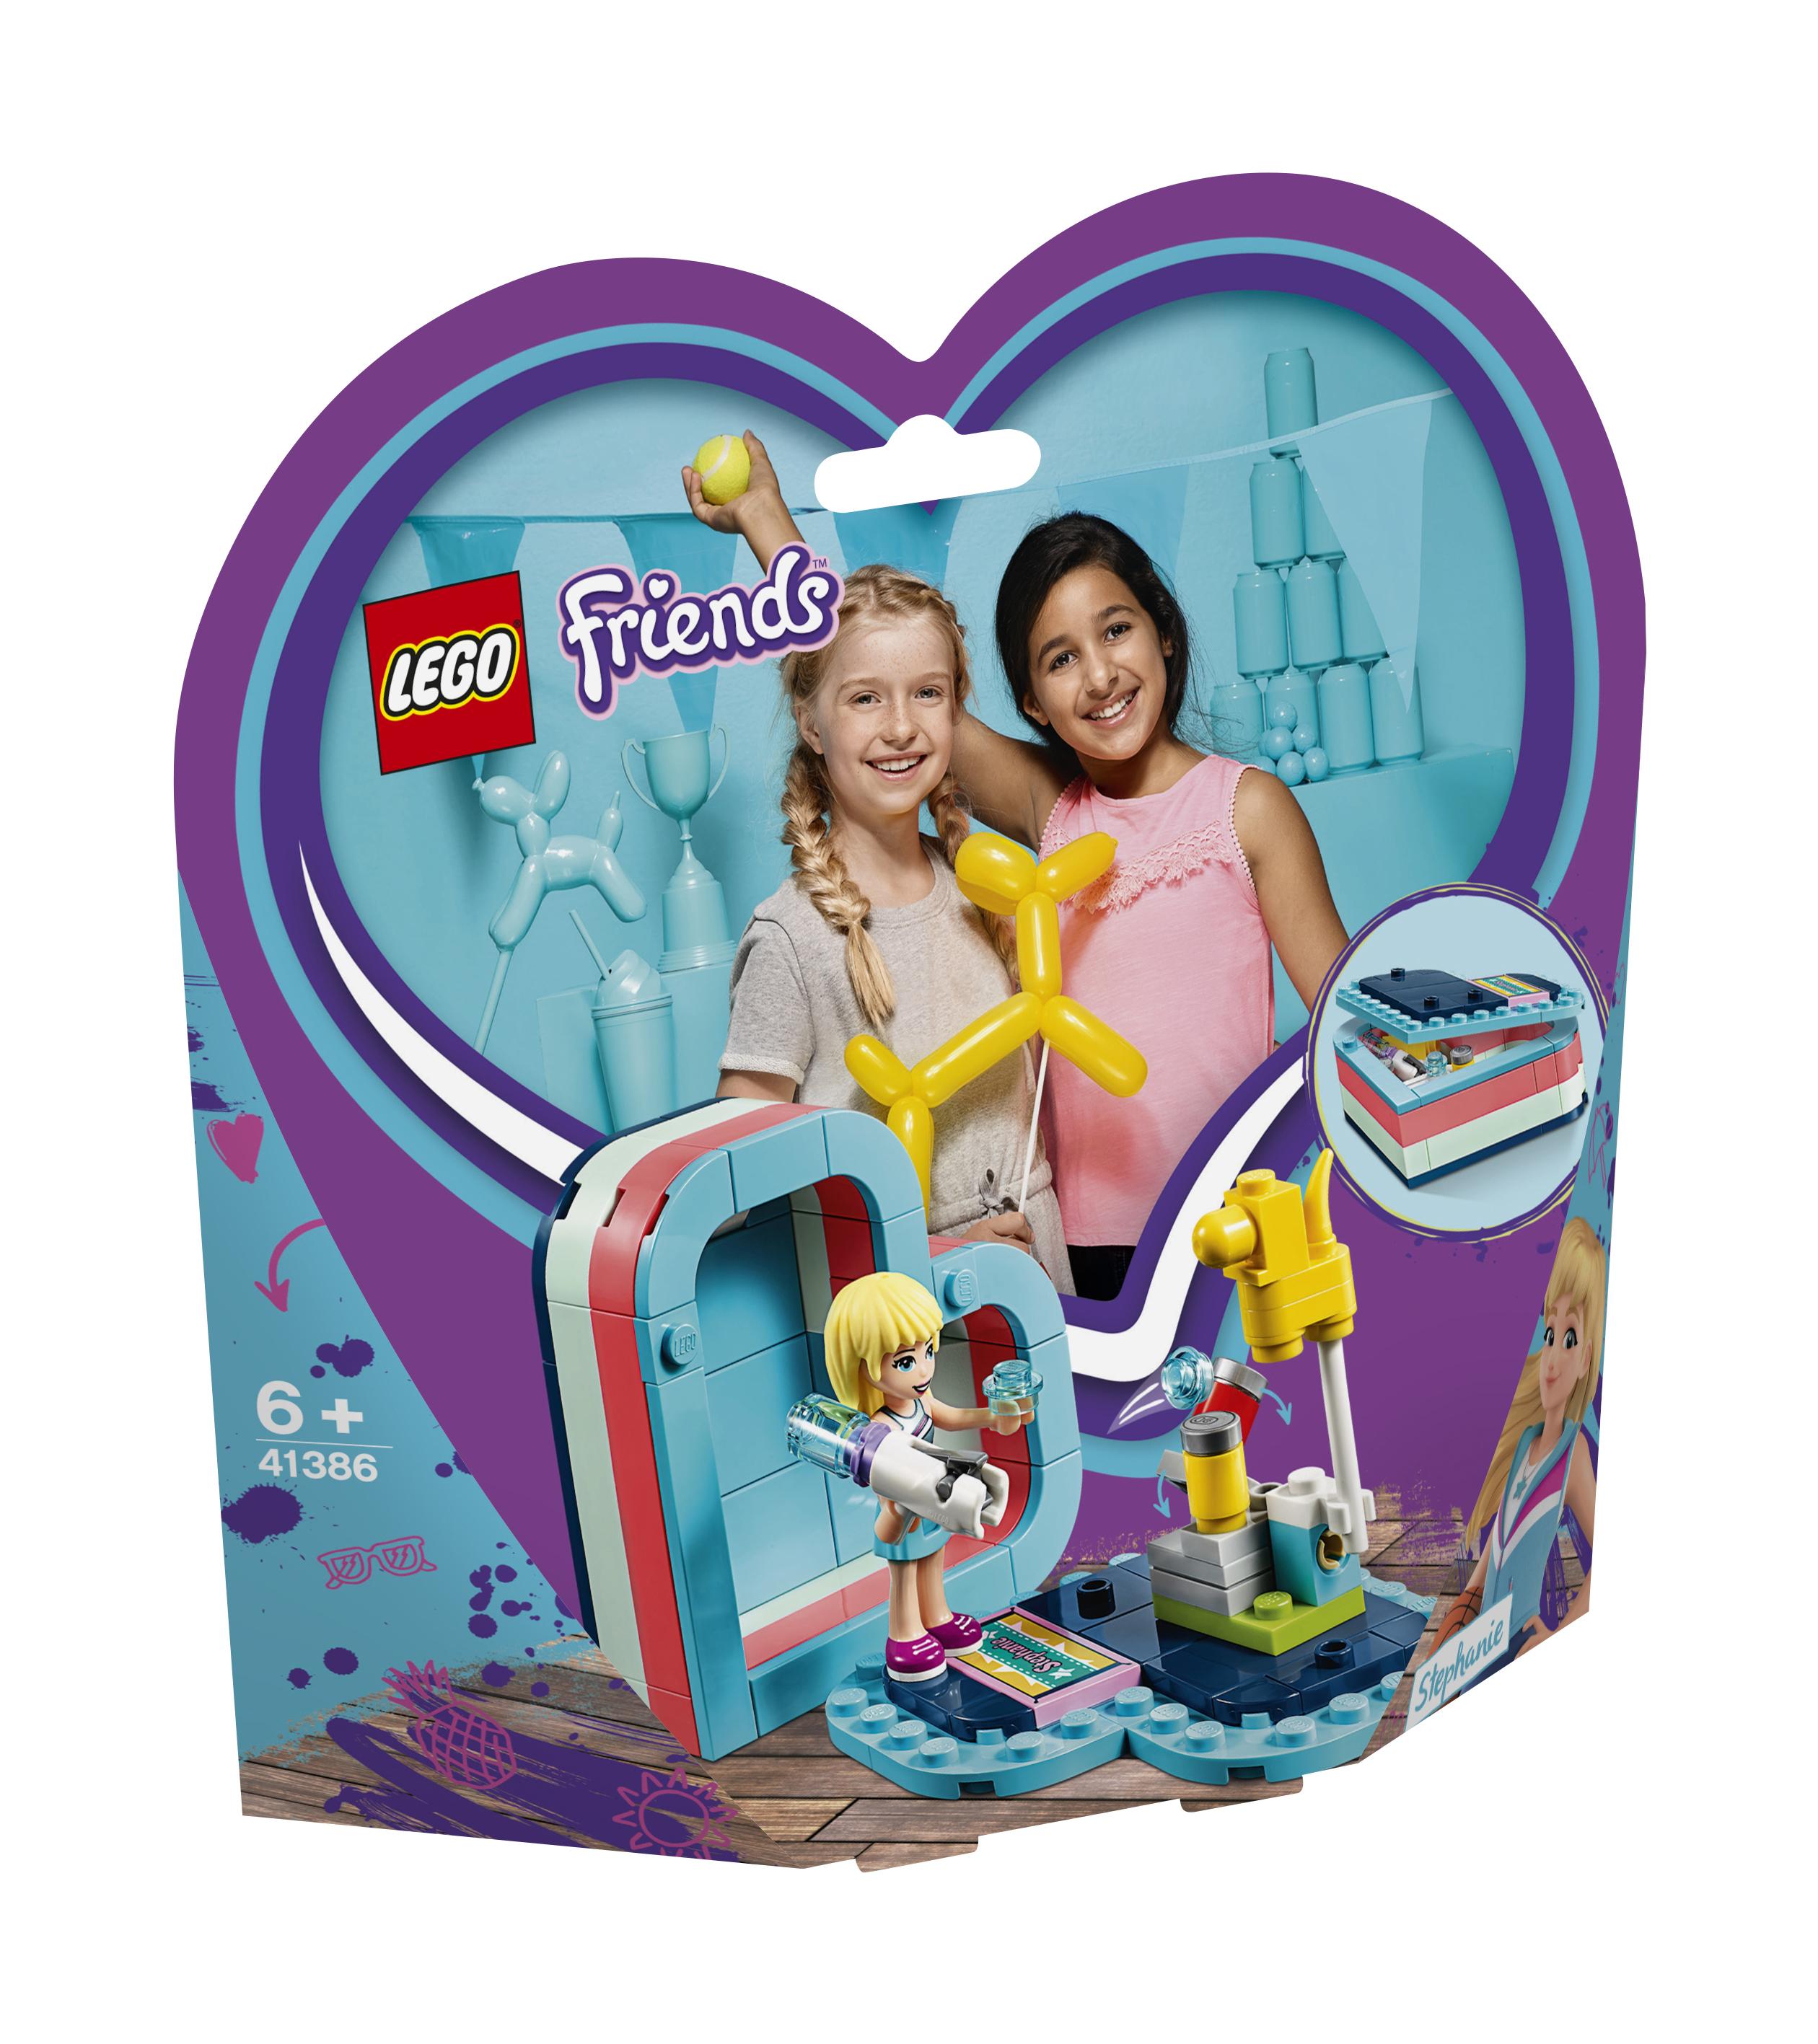 Конструктор LEGO Friends 41386 Летняя шкатулка-сердечко для Стефани конструктор lego friends 41338 спортивная арена для стефани